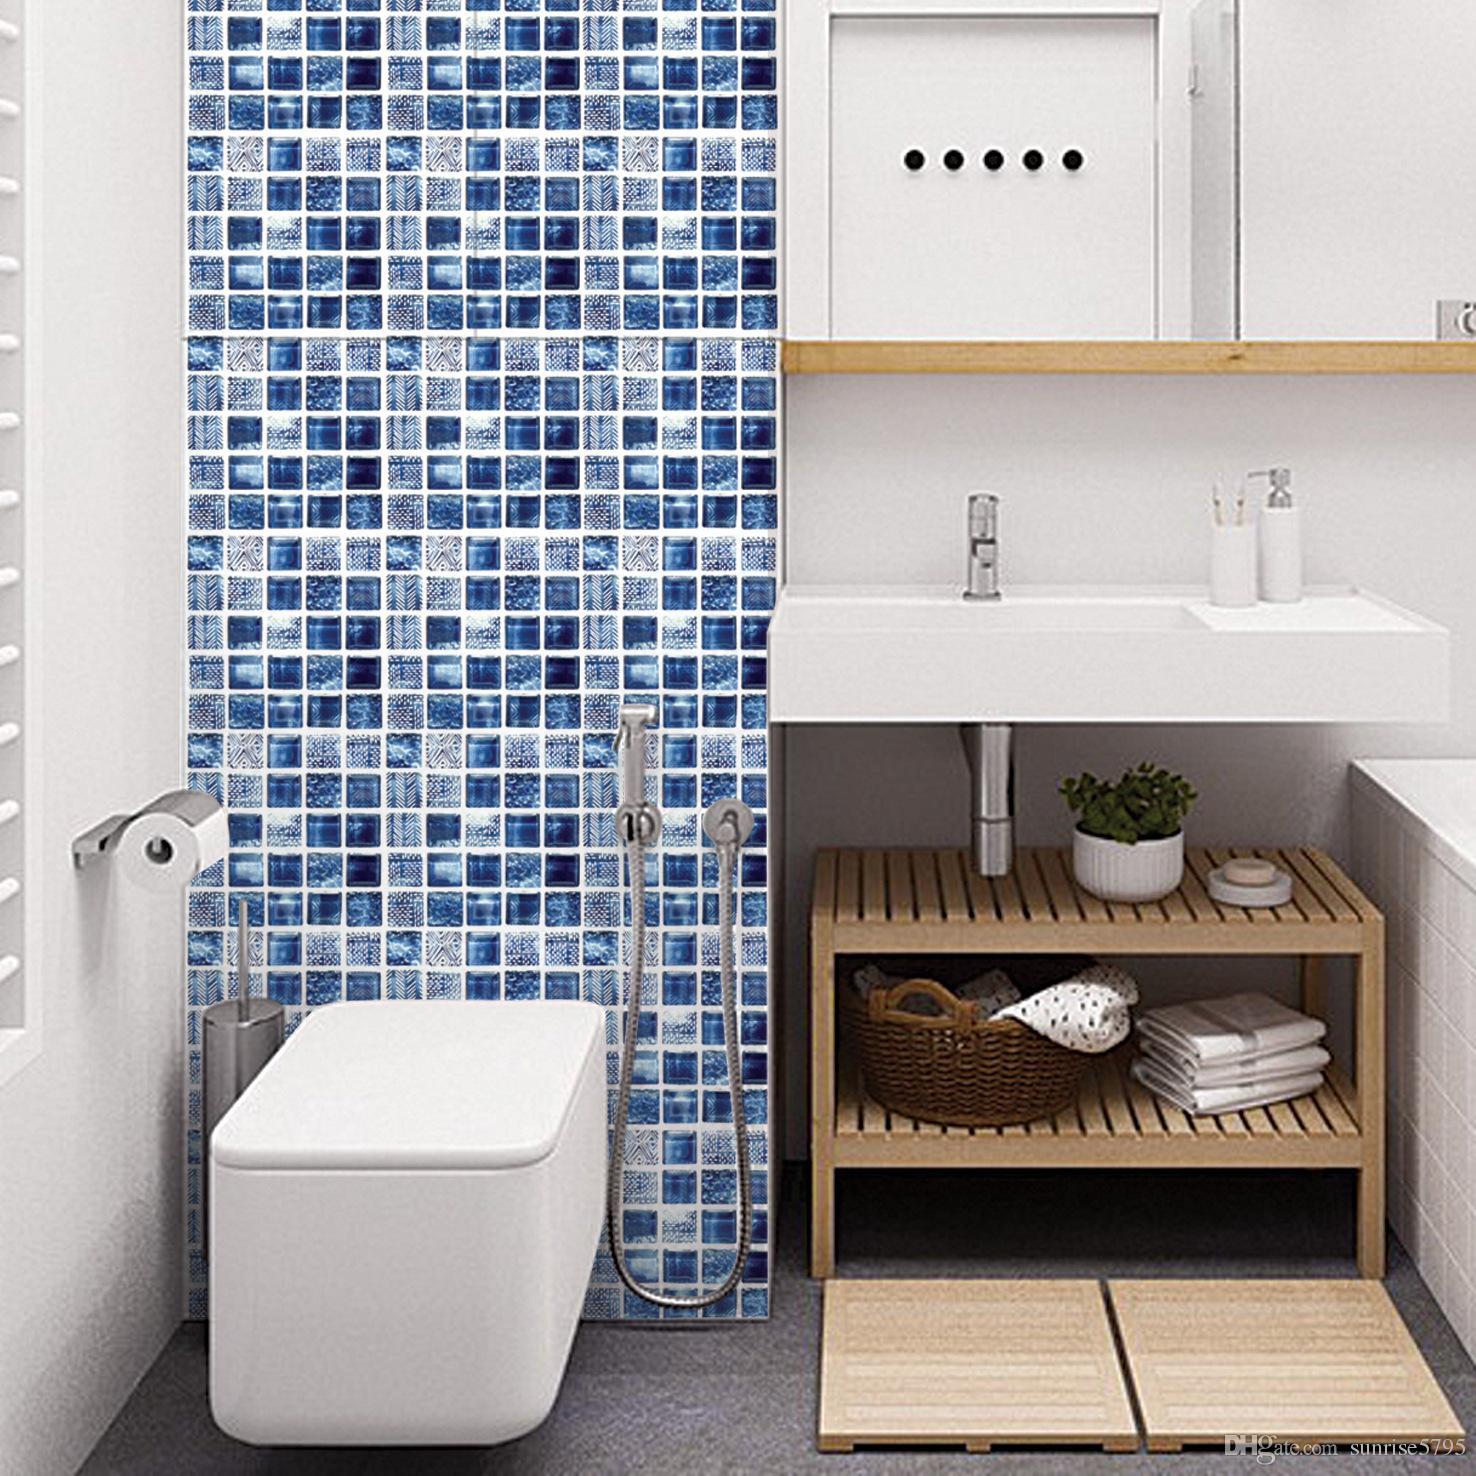 Bleu 3d Carrelage Autocollants Mosaique Mur Autocollant Chambre Decoration Bricolage Salon Cuisine Salle De Bain Affiche Autocollant